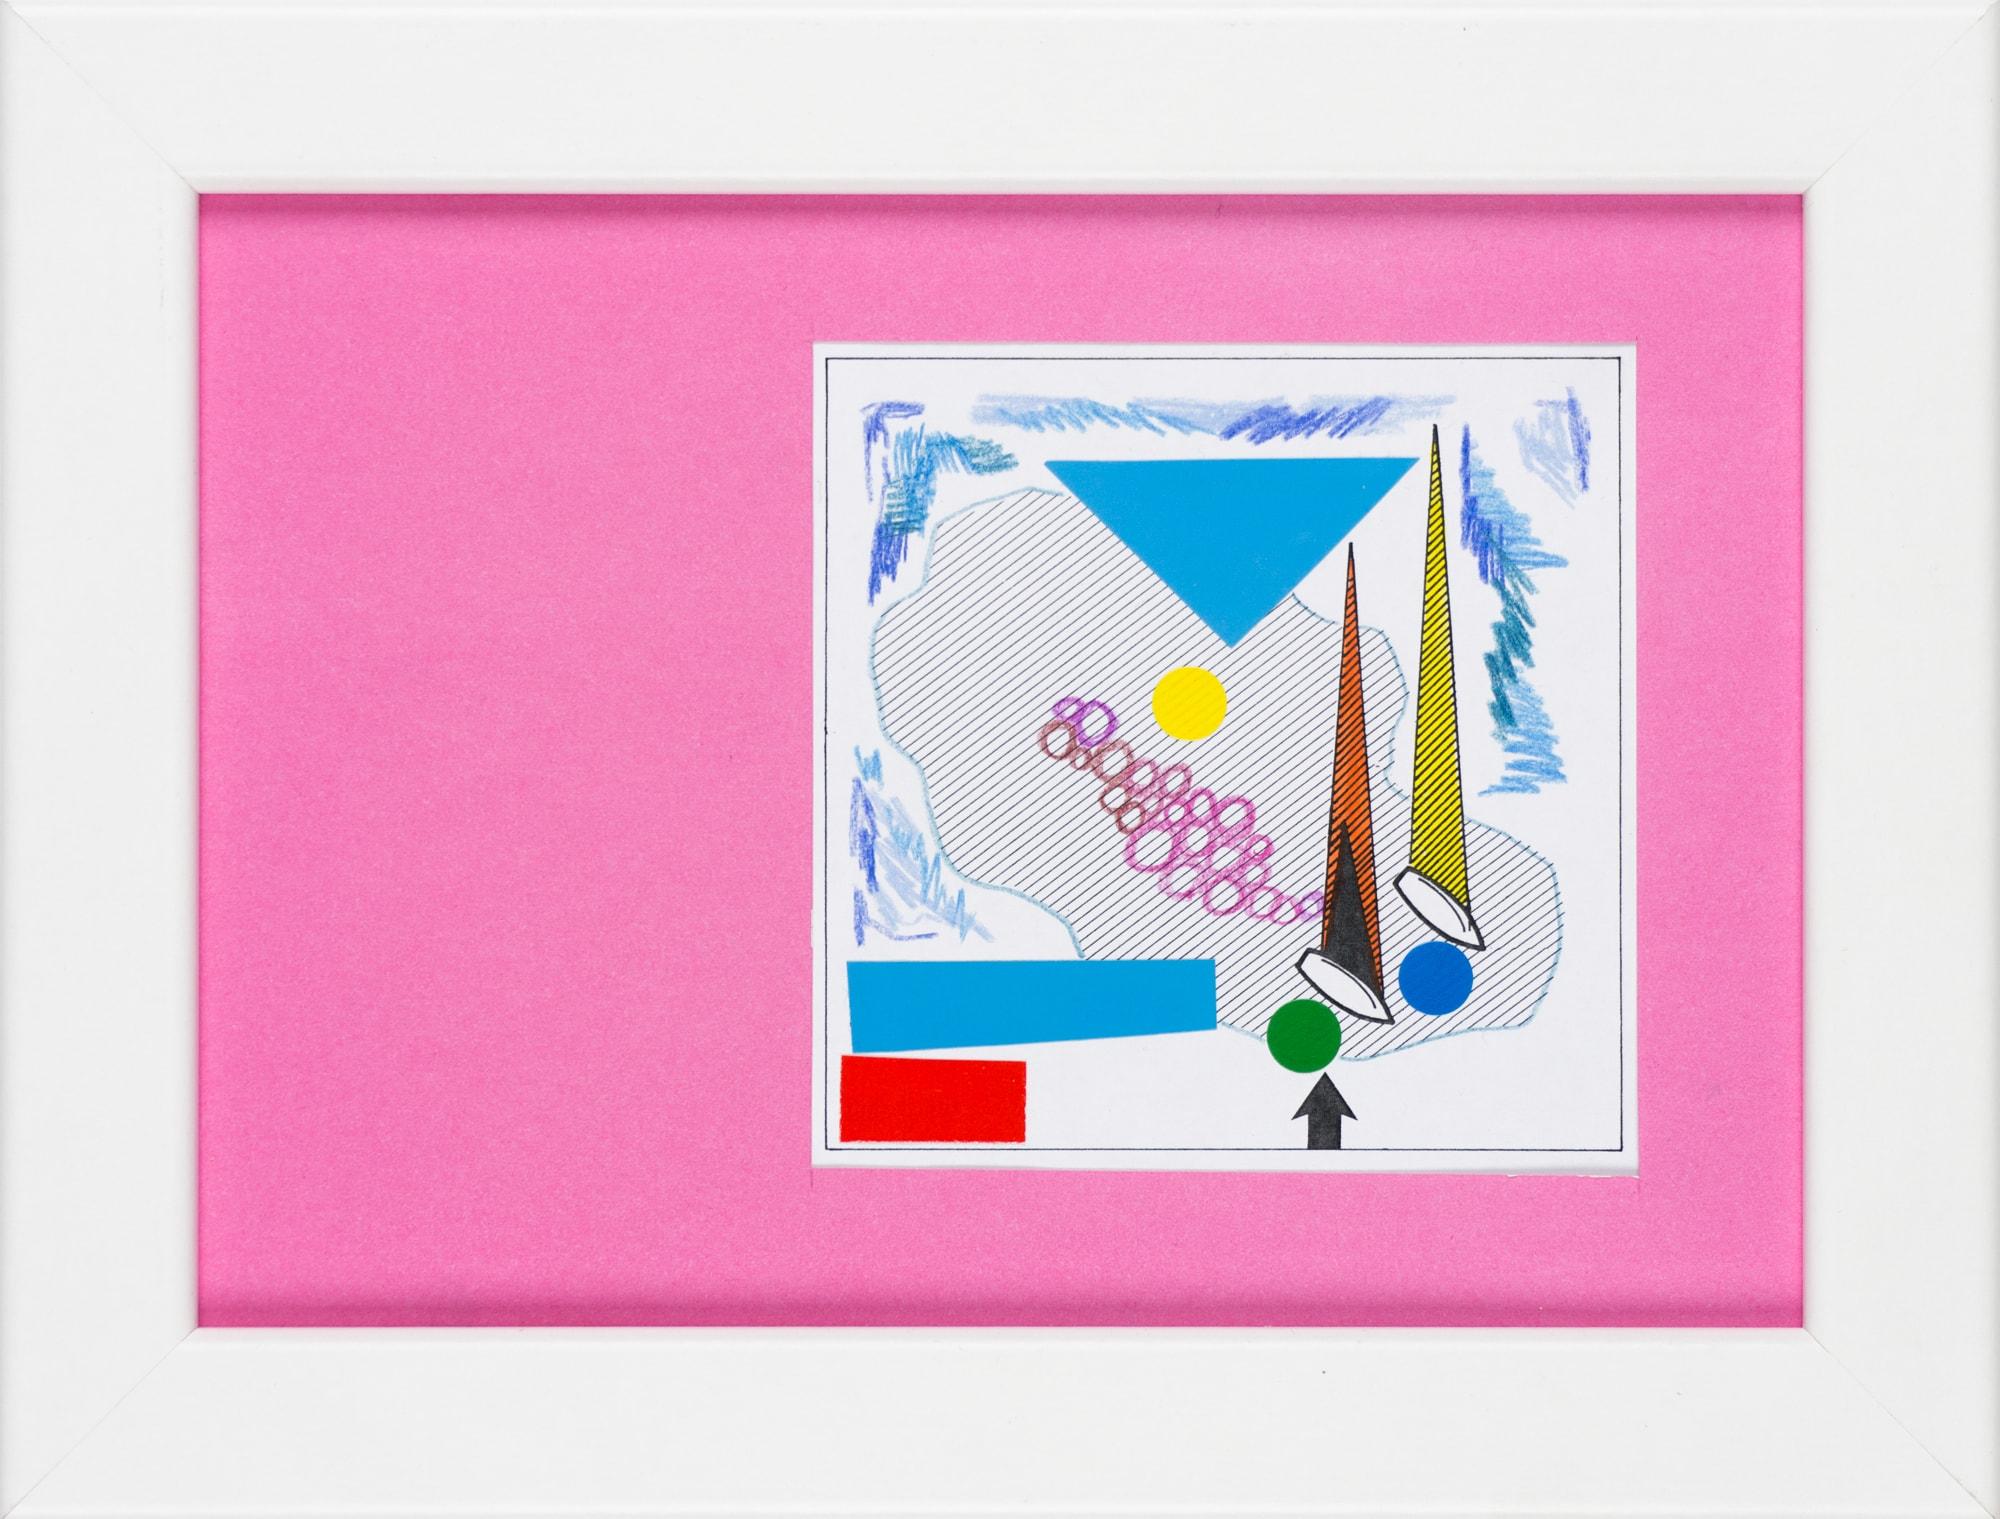 Übermalung und Mischtechnik auf Papier, 8,8x8,8cm, Originalgrafik zum gleichnamigen Booklet, Künstlerin: Franziska King